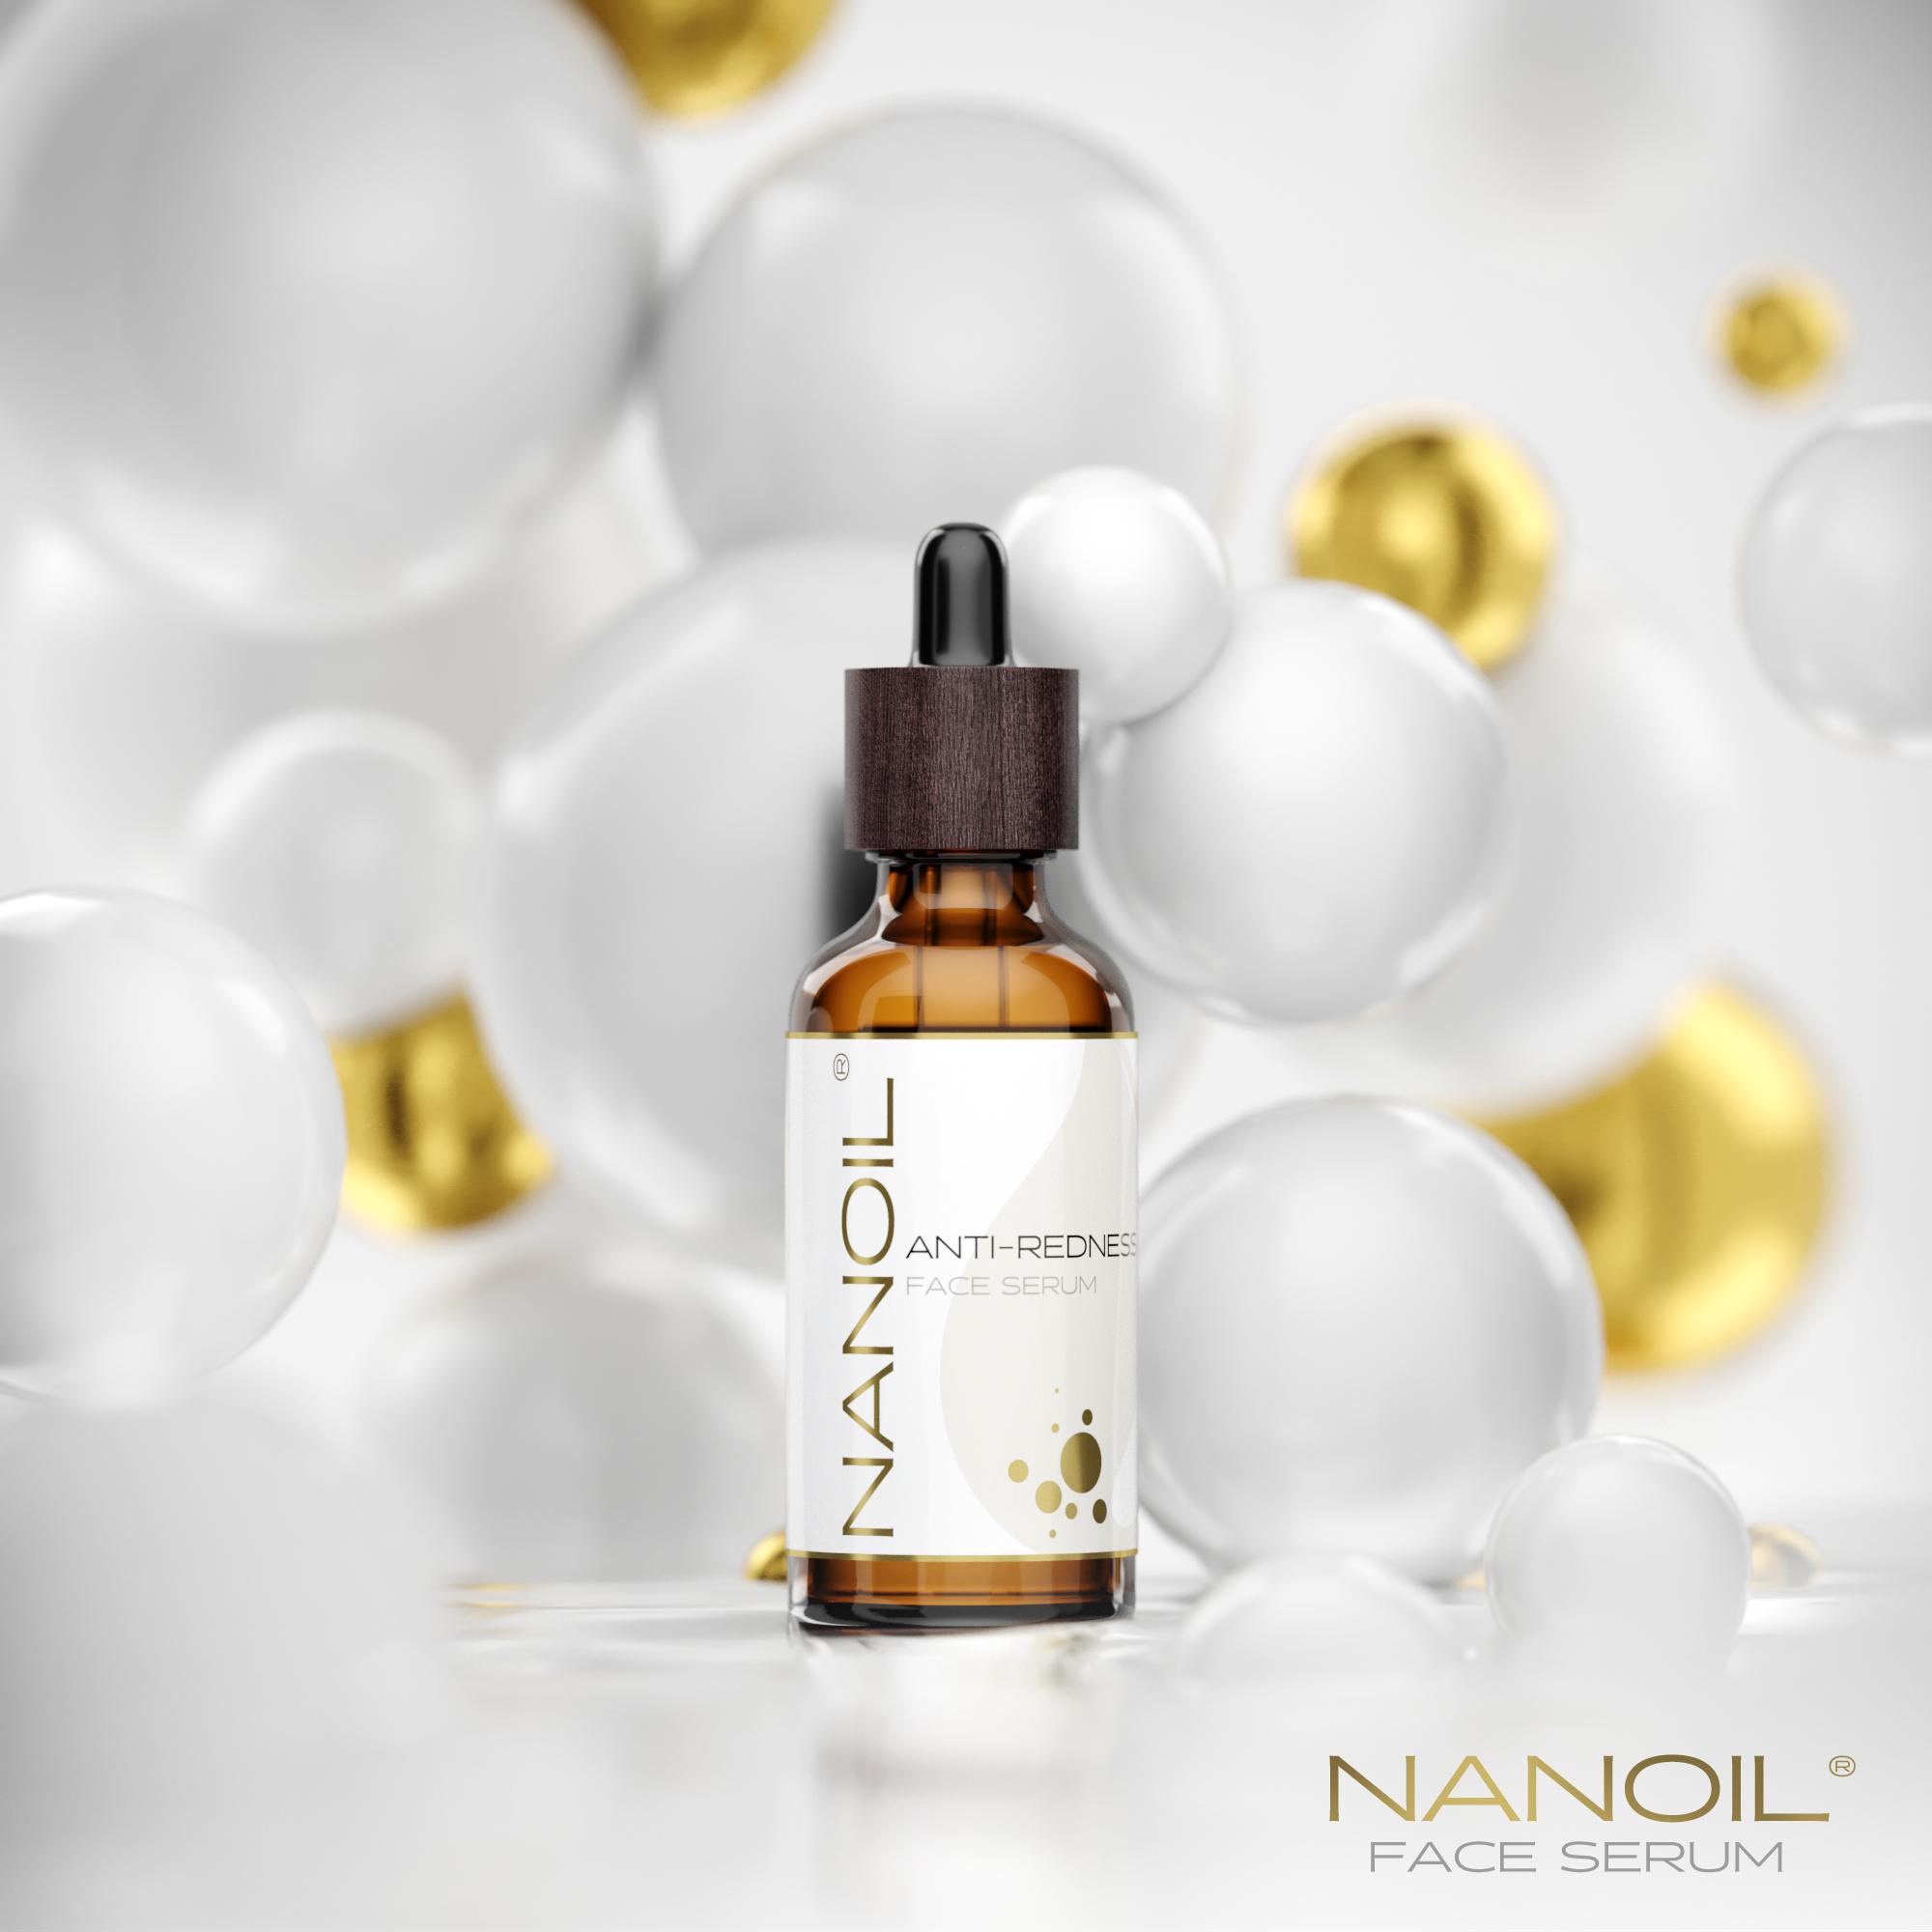 das empfohlene Gesichtsserum für die Haut mit Neigung zu Couperose Nanoil